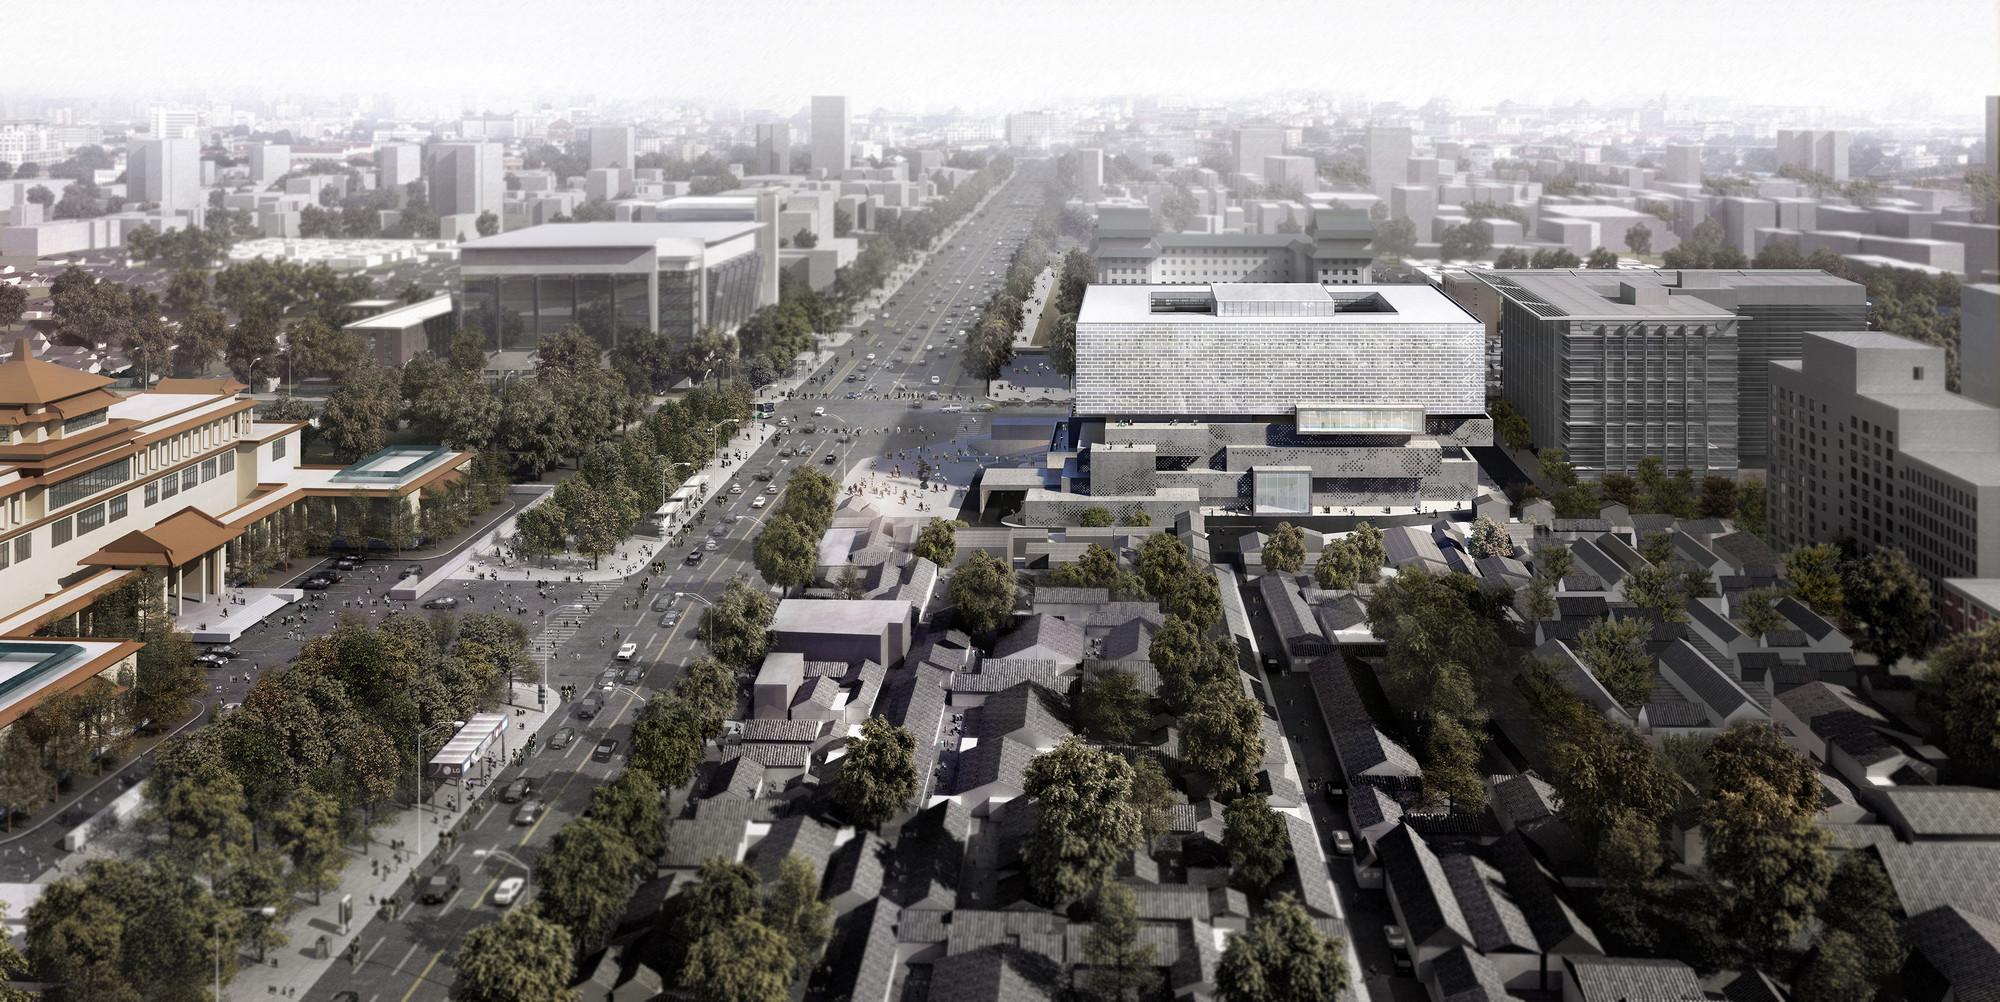 Guardian Art Center by Büro Ole Scheeren. Image Courtesy of Büro Ole Scheeren